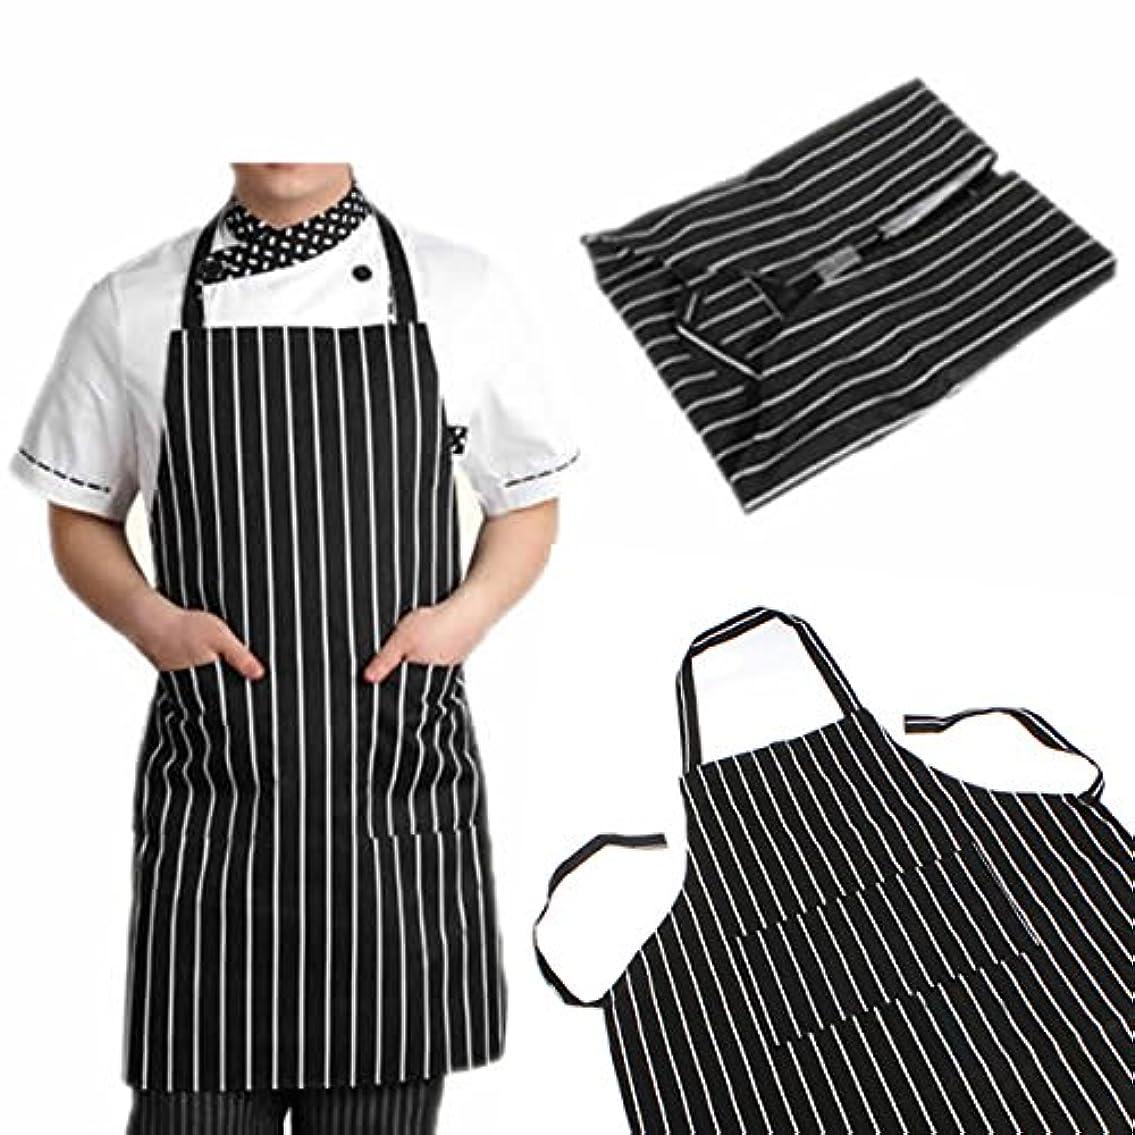 急流望み削減attachmenttou ブラックストライプビブエプロン 2つのポケット付き キッチン料理 耐久性のある 有用 調節可能な 大人